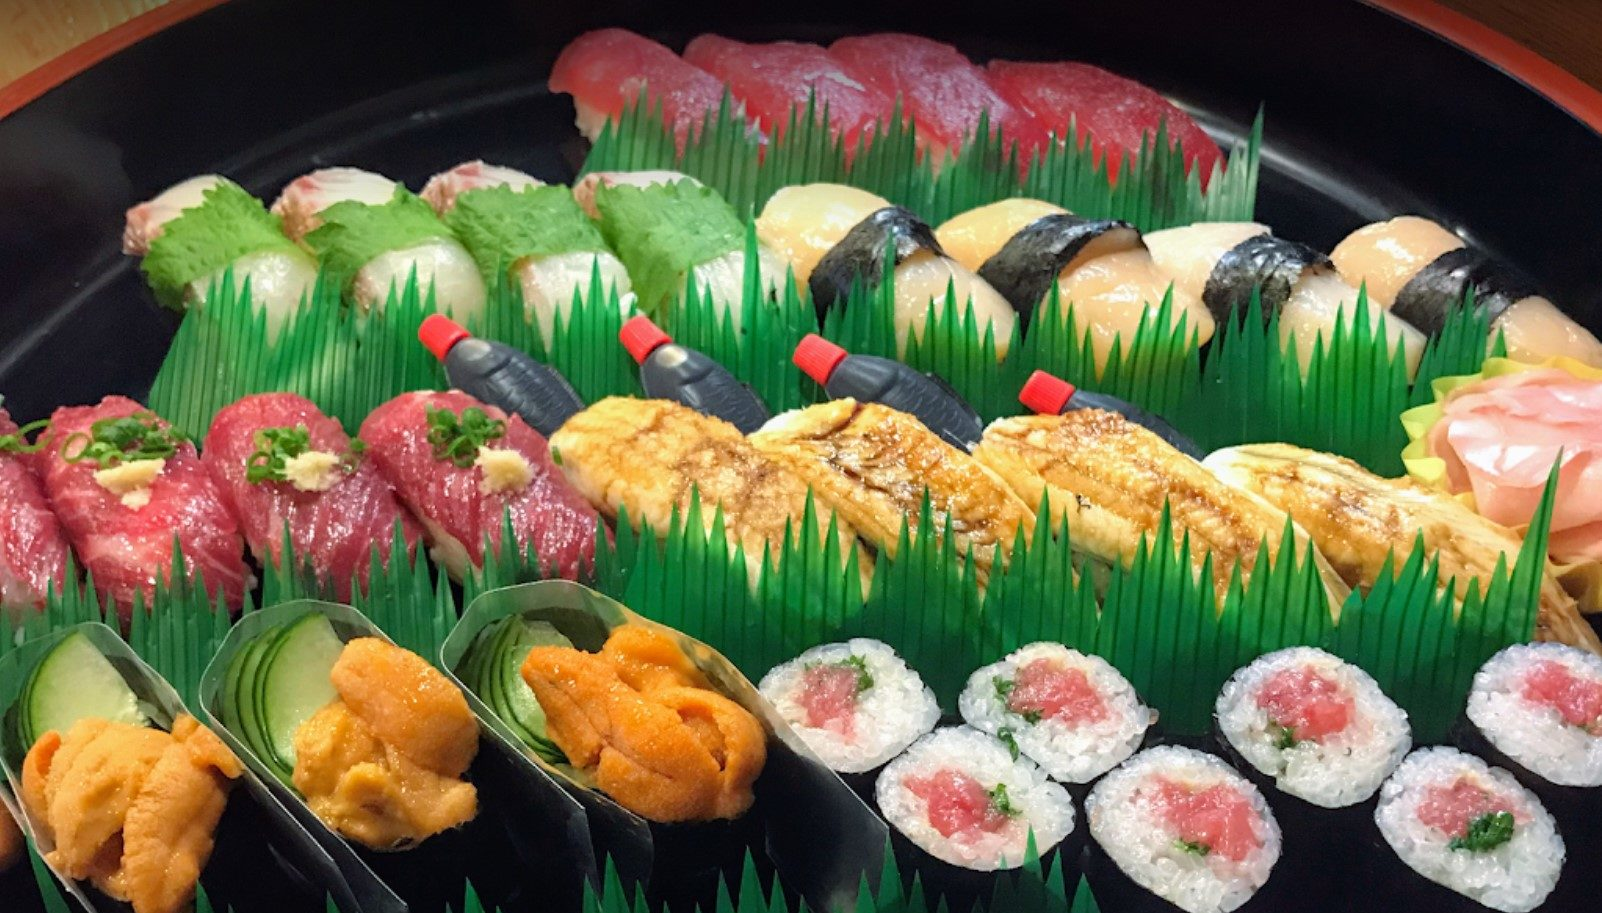 【熊本市南区出仲間】双葉寿司のテイクアウト情報!お寿司や馬刺し、トン足と一品料理も多数あるよ!